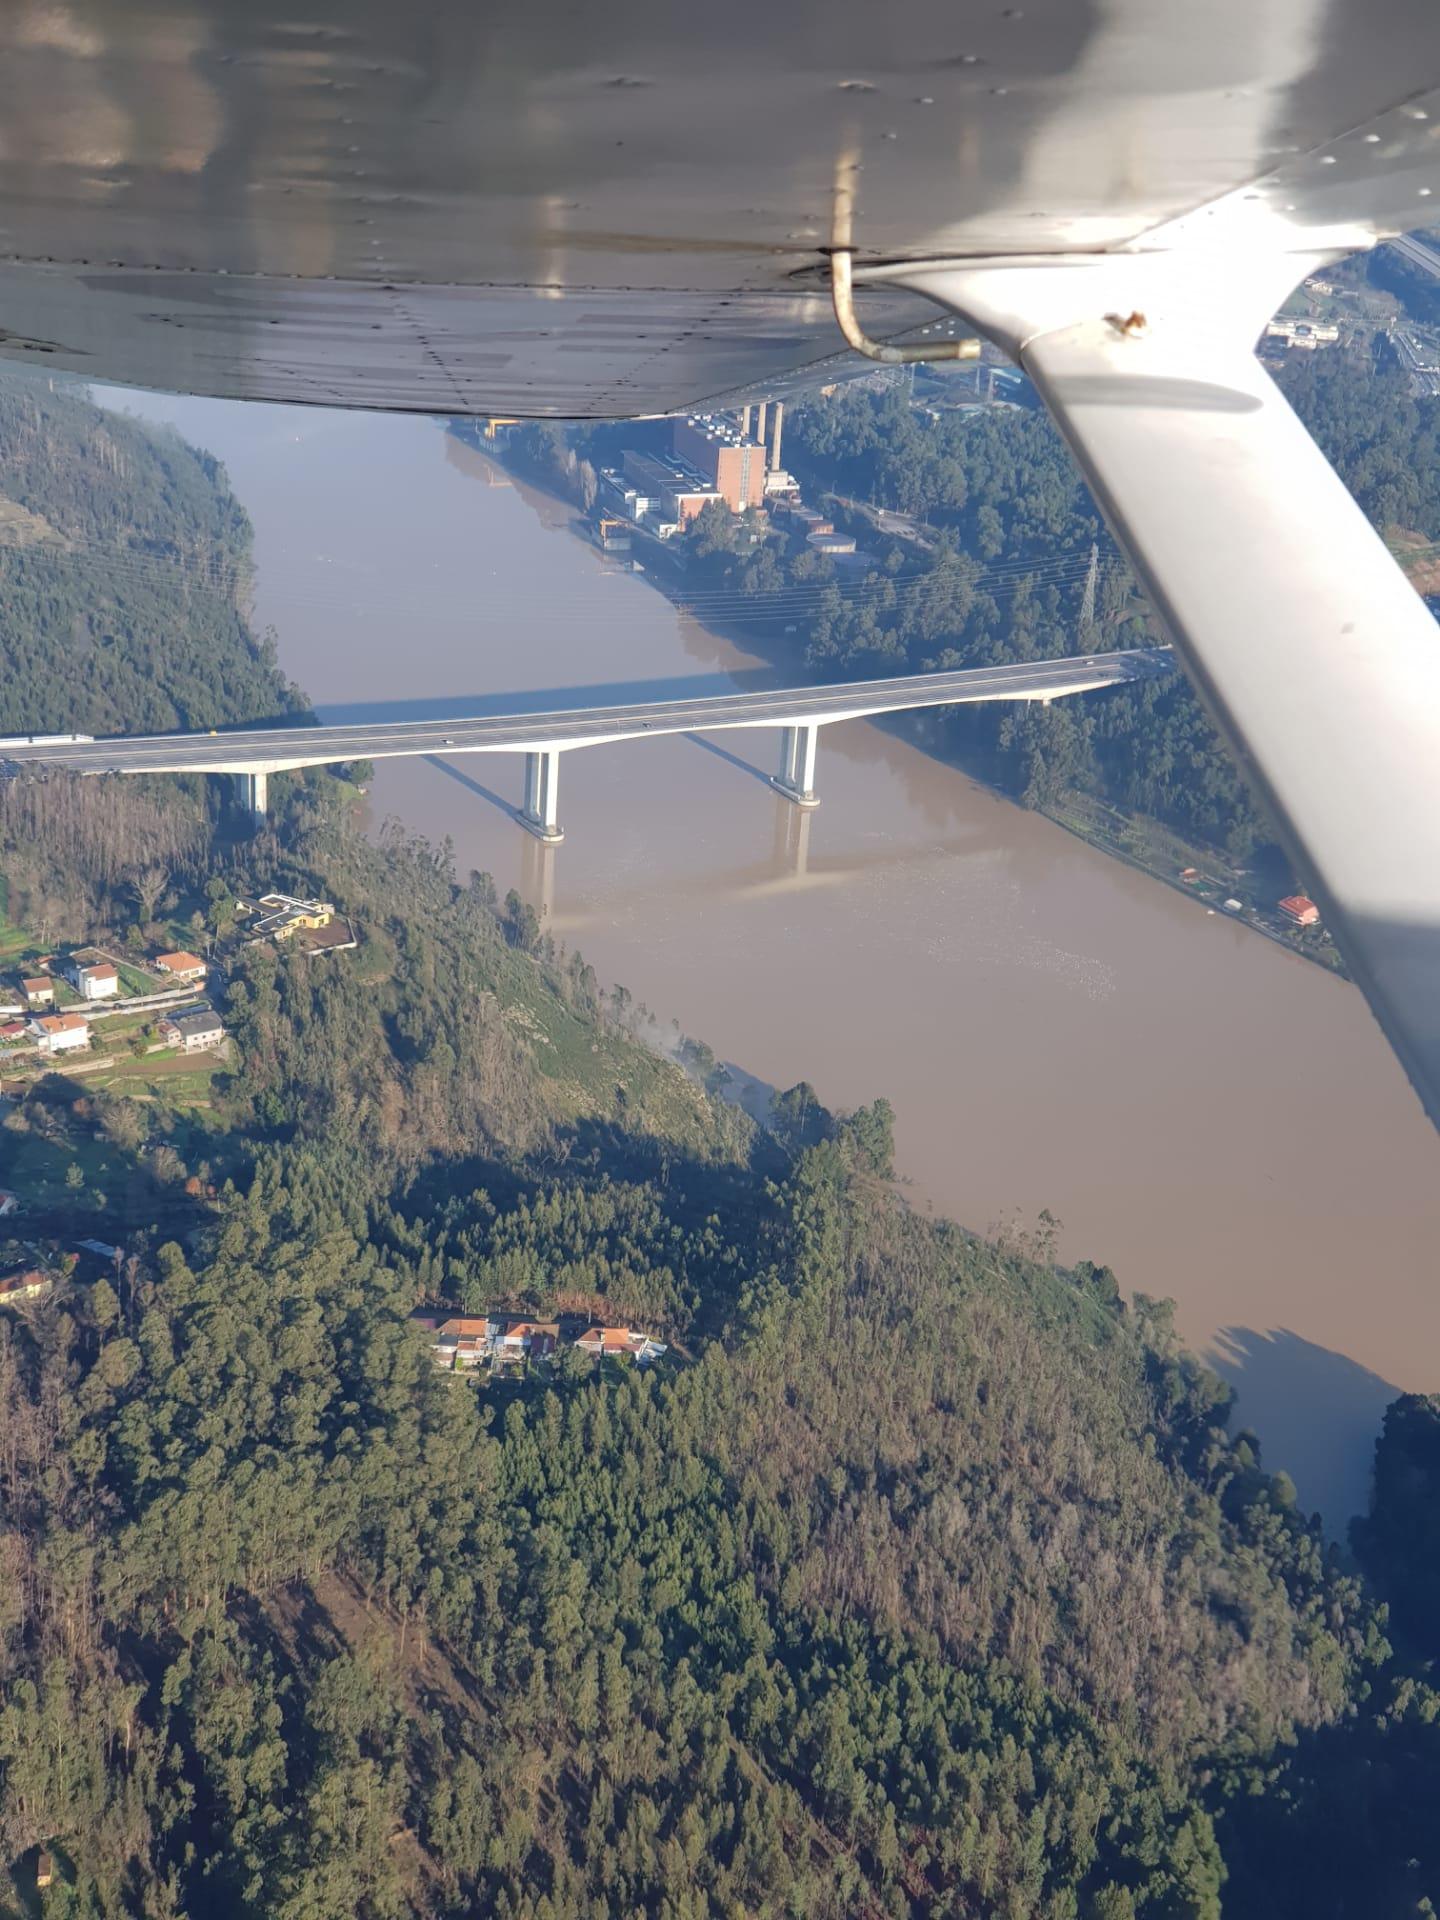 LM-Arquivo-Douro-Paiva-Foto-Aerea-ETA-Lever-056